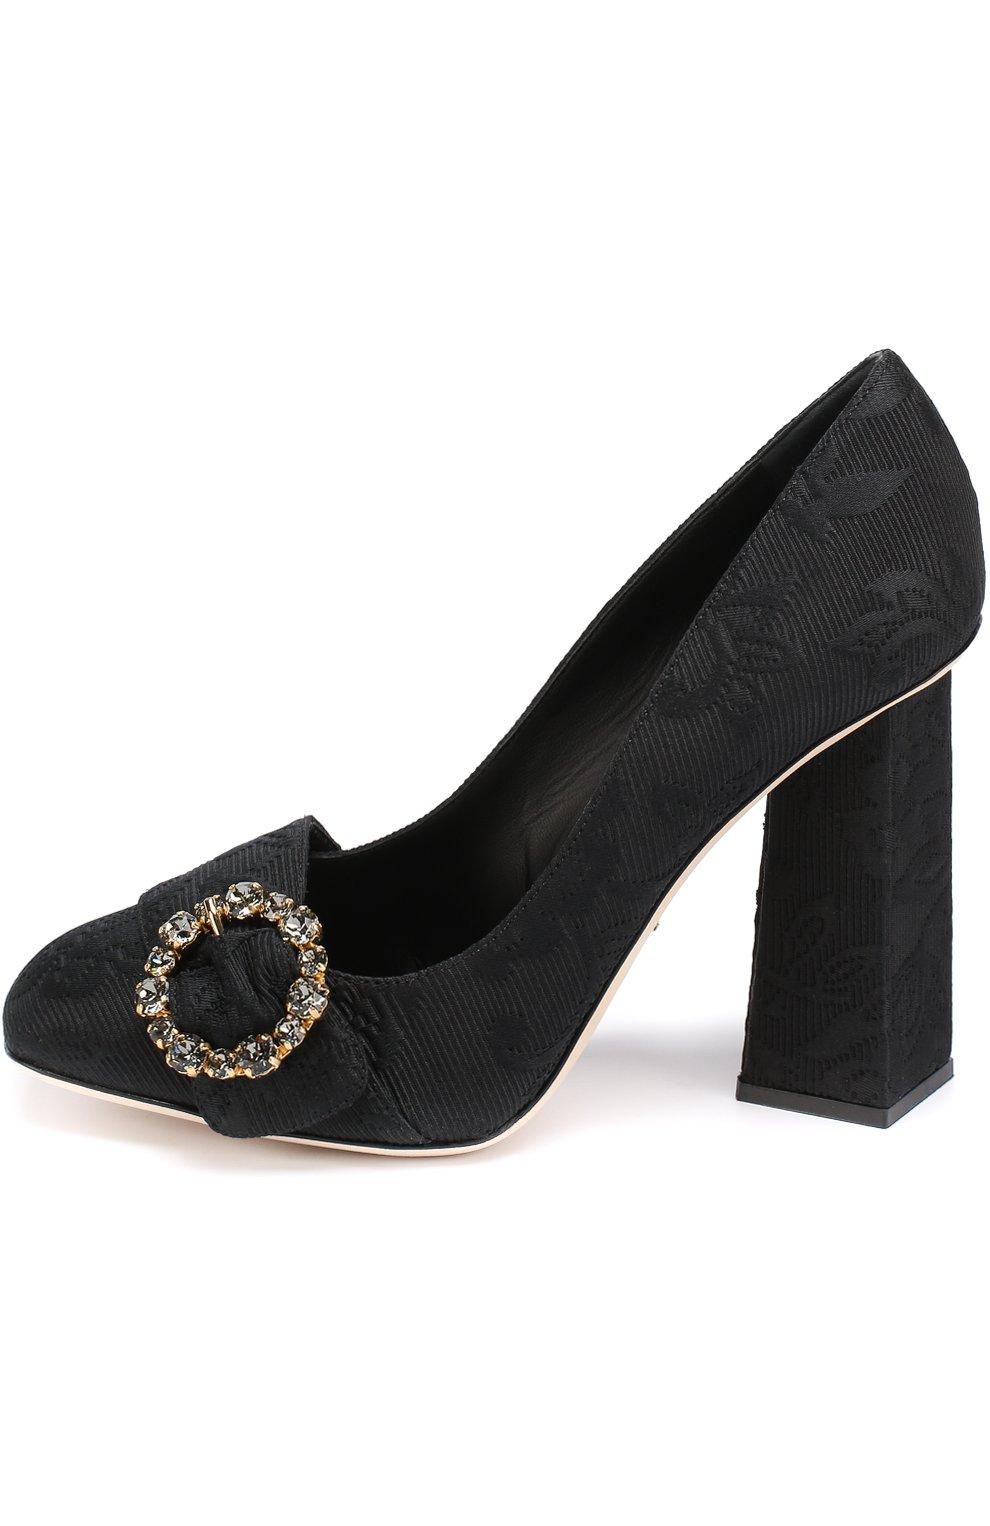 Туфли Jackie из текстиля на геометричном каблуке Dolce & Gabbana черные | Фото №3